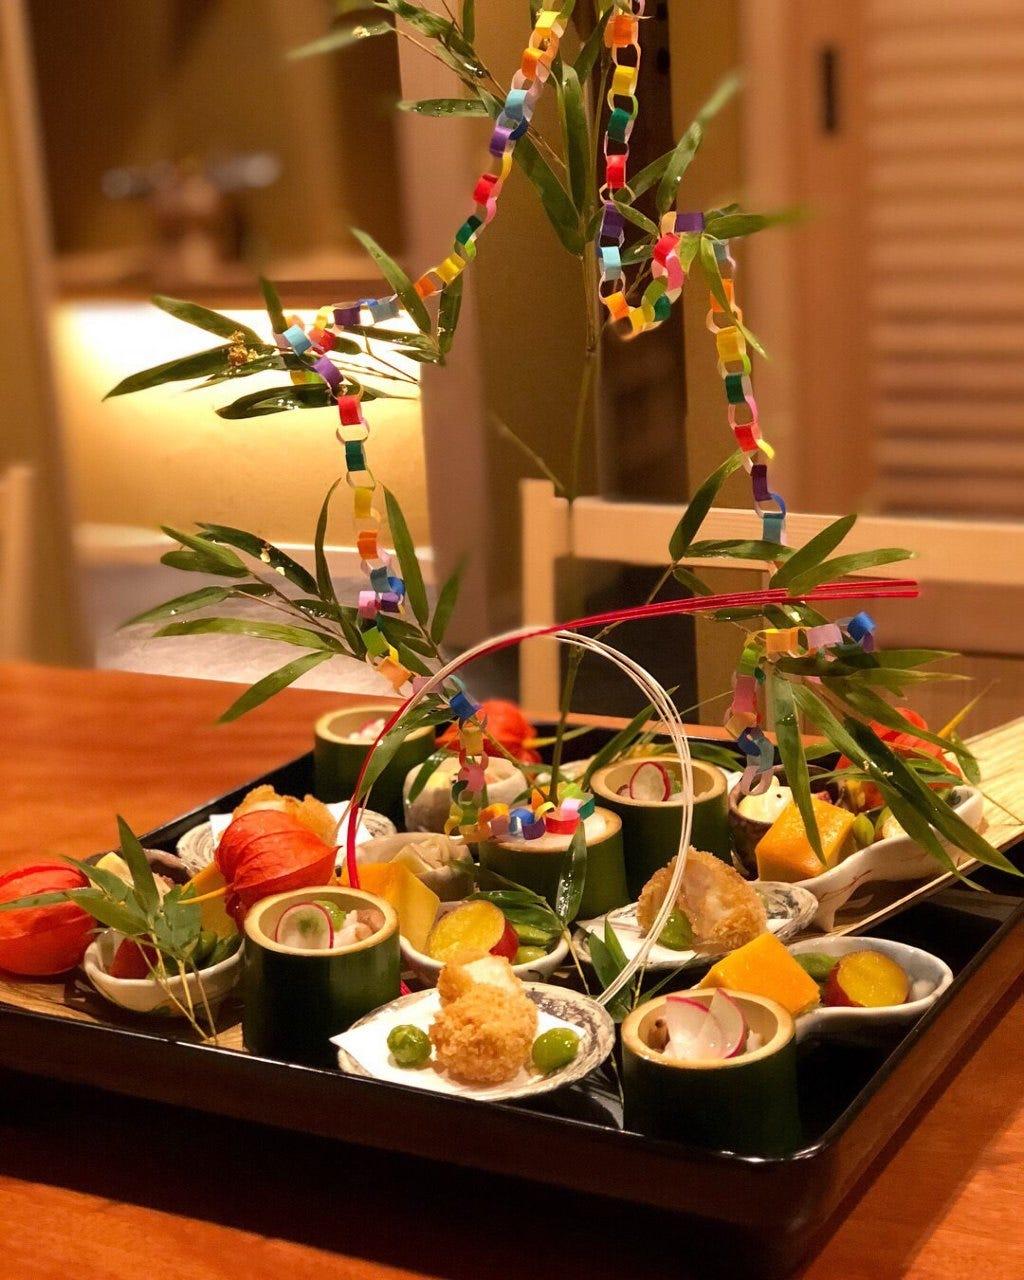 ◆四季折々の食材で美しくおもてなし